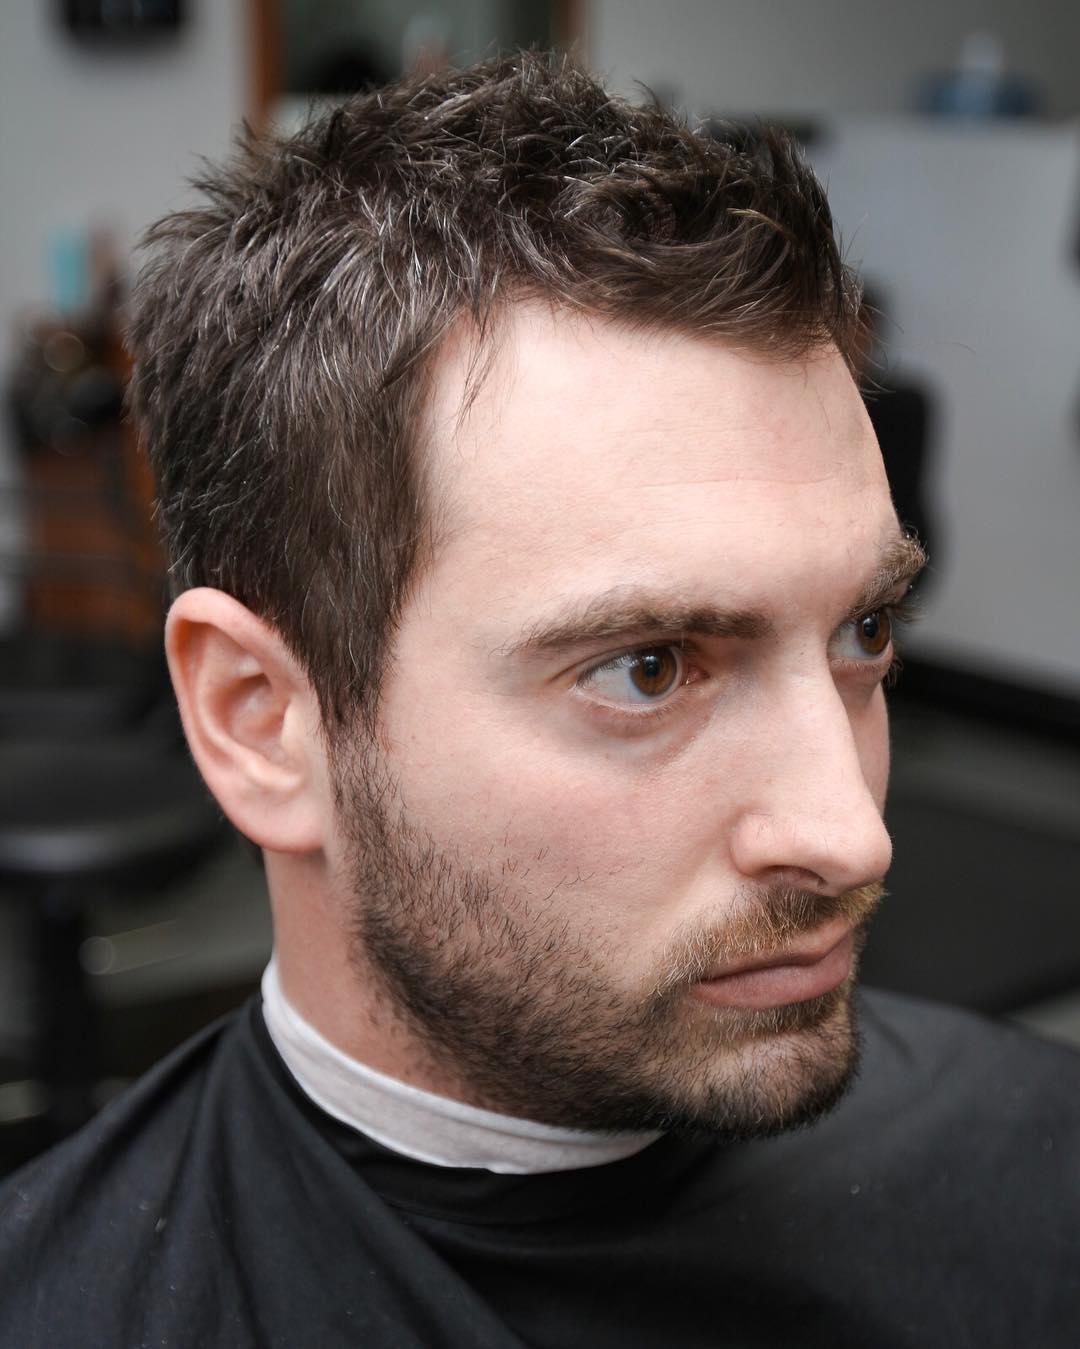 100 coupes de cheveux les plus populaires pour les hommes pour 2020 5f3f76137a810 - 100+ coupes de cheveux les plus populaires pour les hommes pour 2020